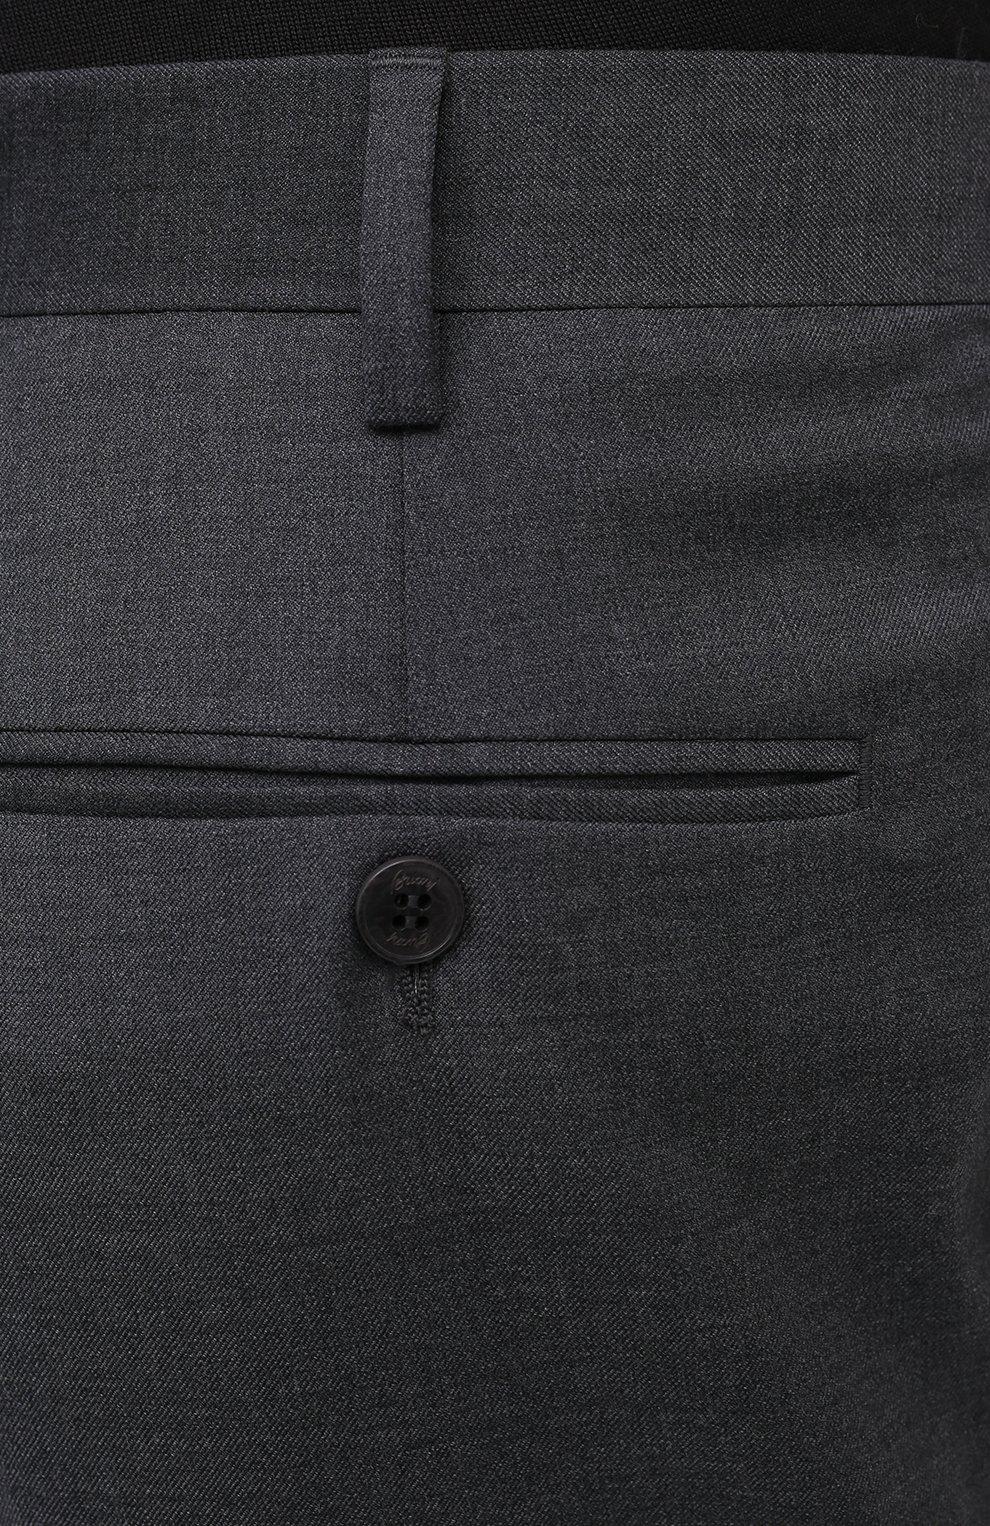 Мужские шерстяные брюки BRIONI серого цвета, арт. RPL23X/PZA0P/M0ENA   Фото 5 (Материал внешний: Шерсть; Длина (брюки, джинсы): Стандартные; Стили: Классический; Случай: Формальный; Материал подклада: Купро)